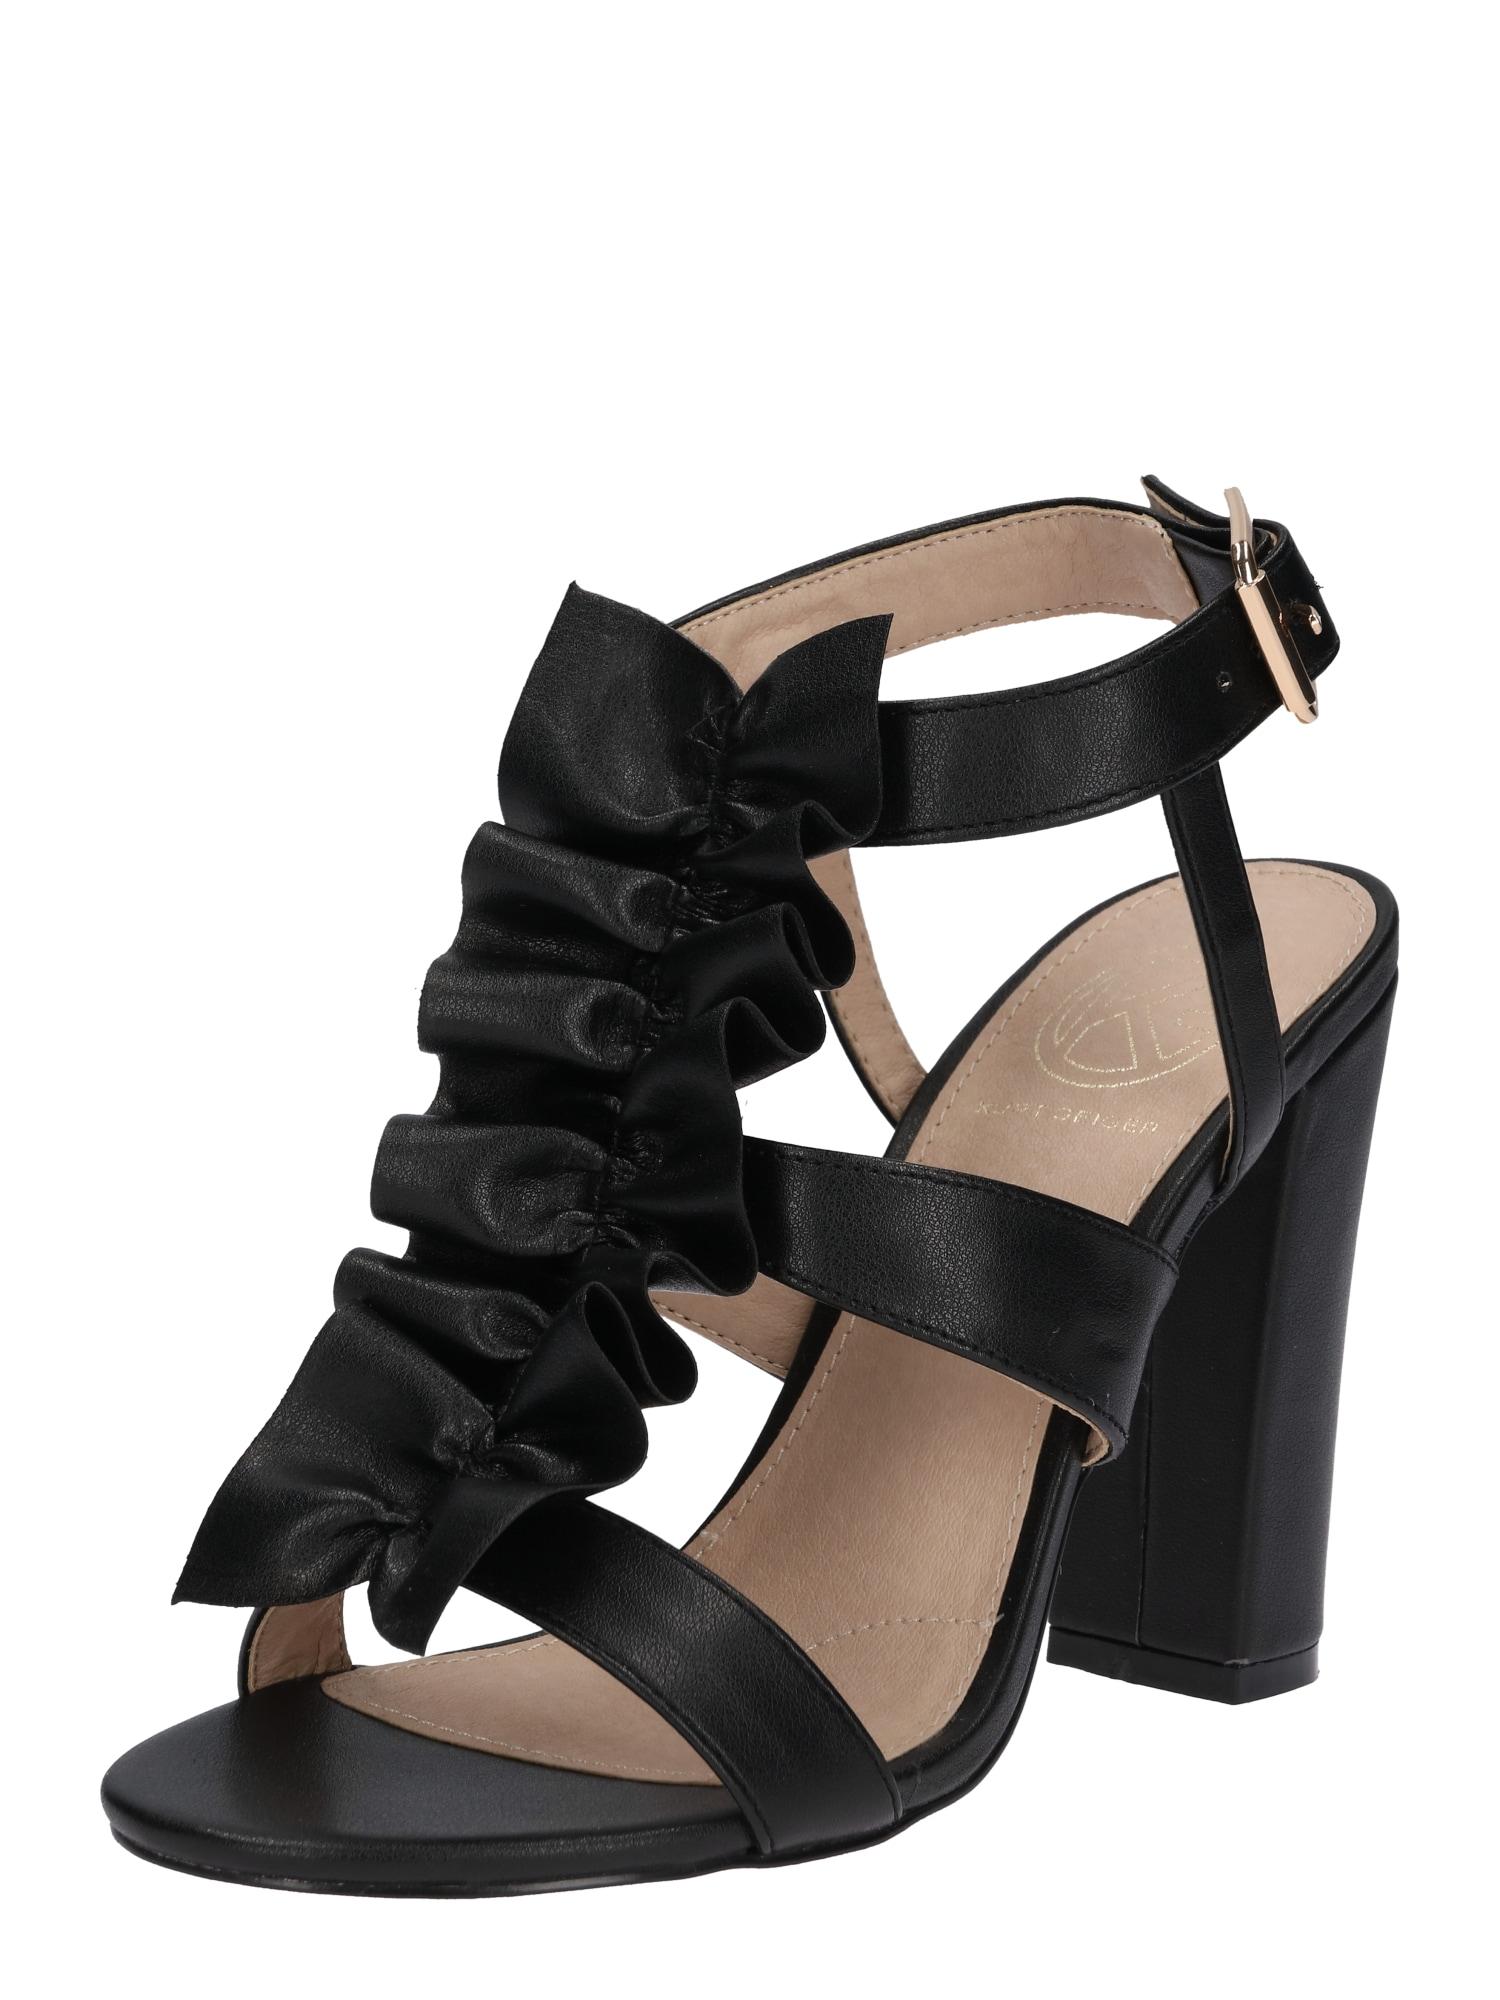 Páskové sandály FLISS černá Miss KG